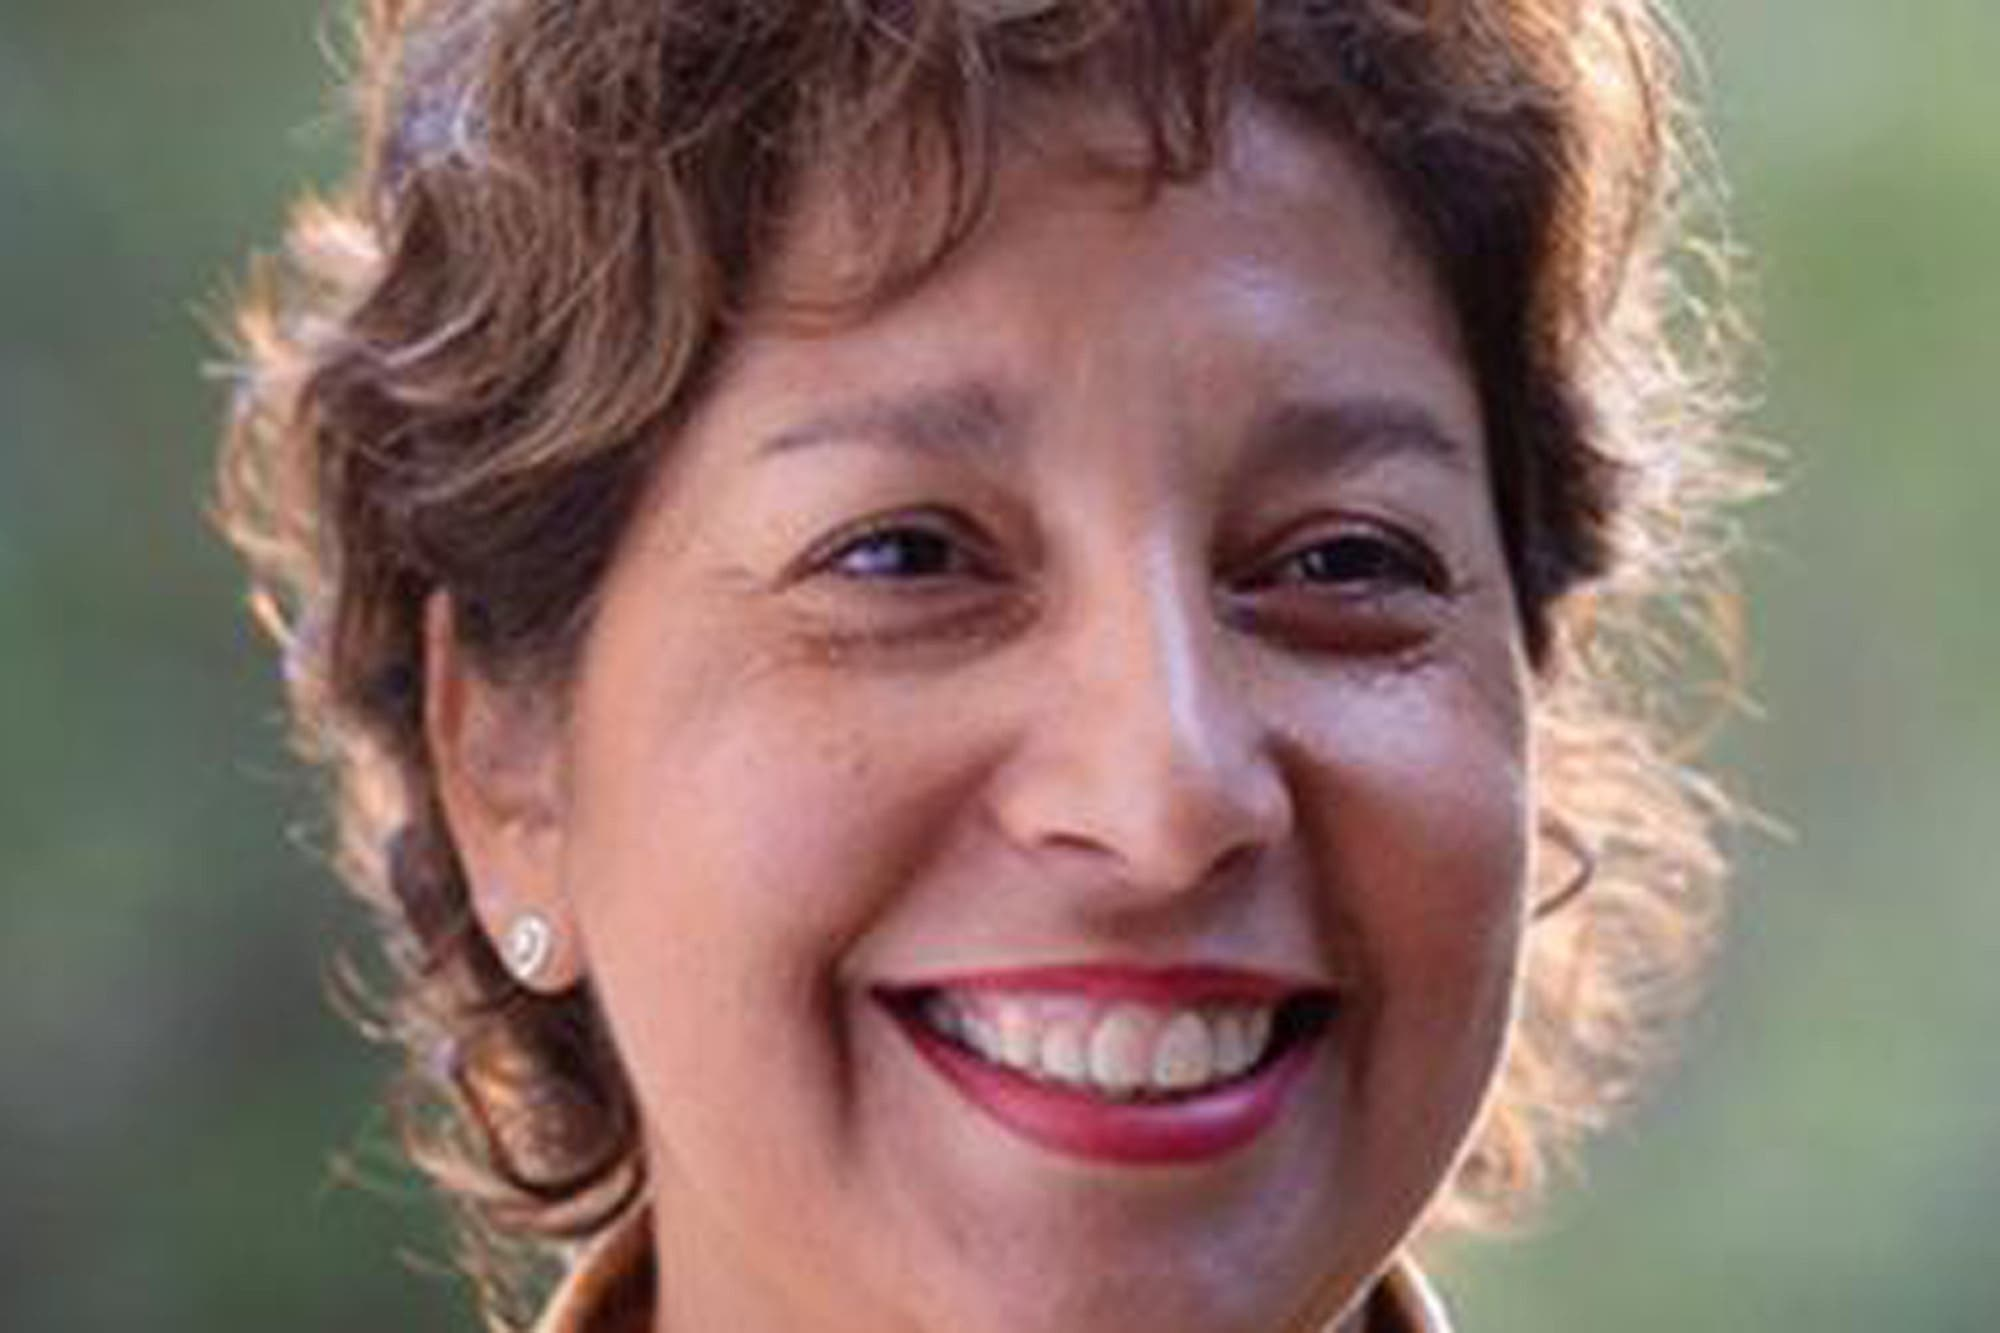 Río Negro: quién es Arabela Carreras, la mujer que se convirtió en  candidata a gobernadora dos semanas atrás - LA NACION